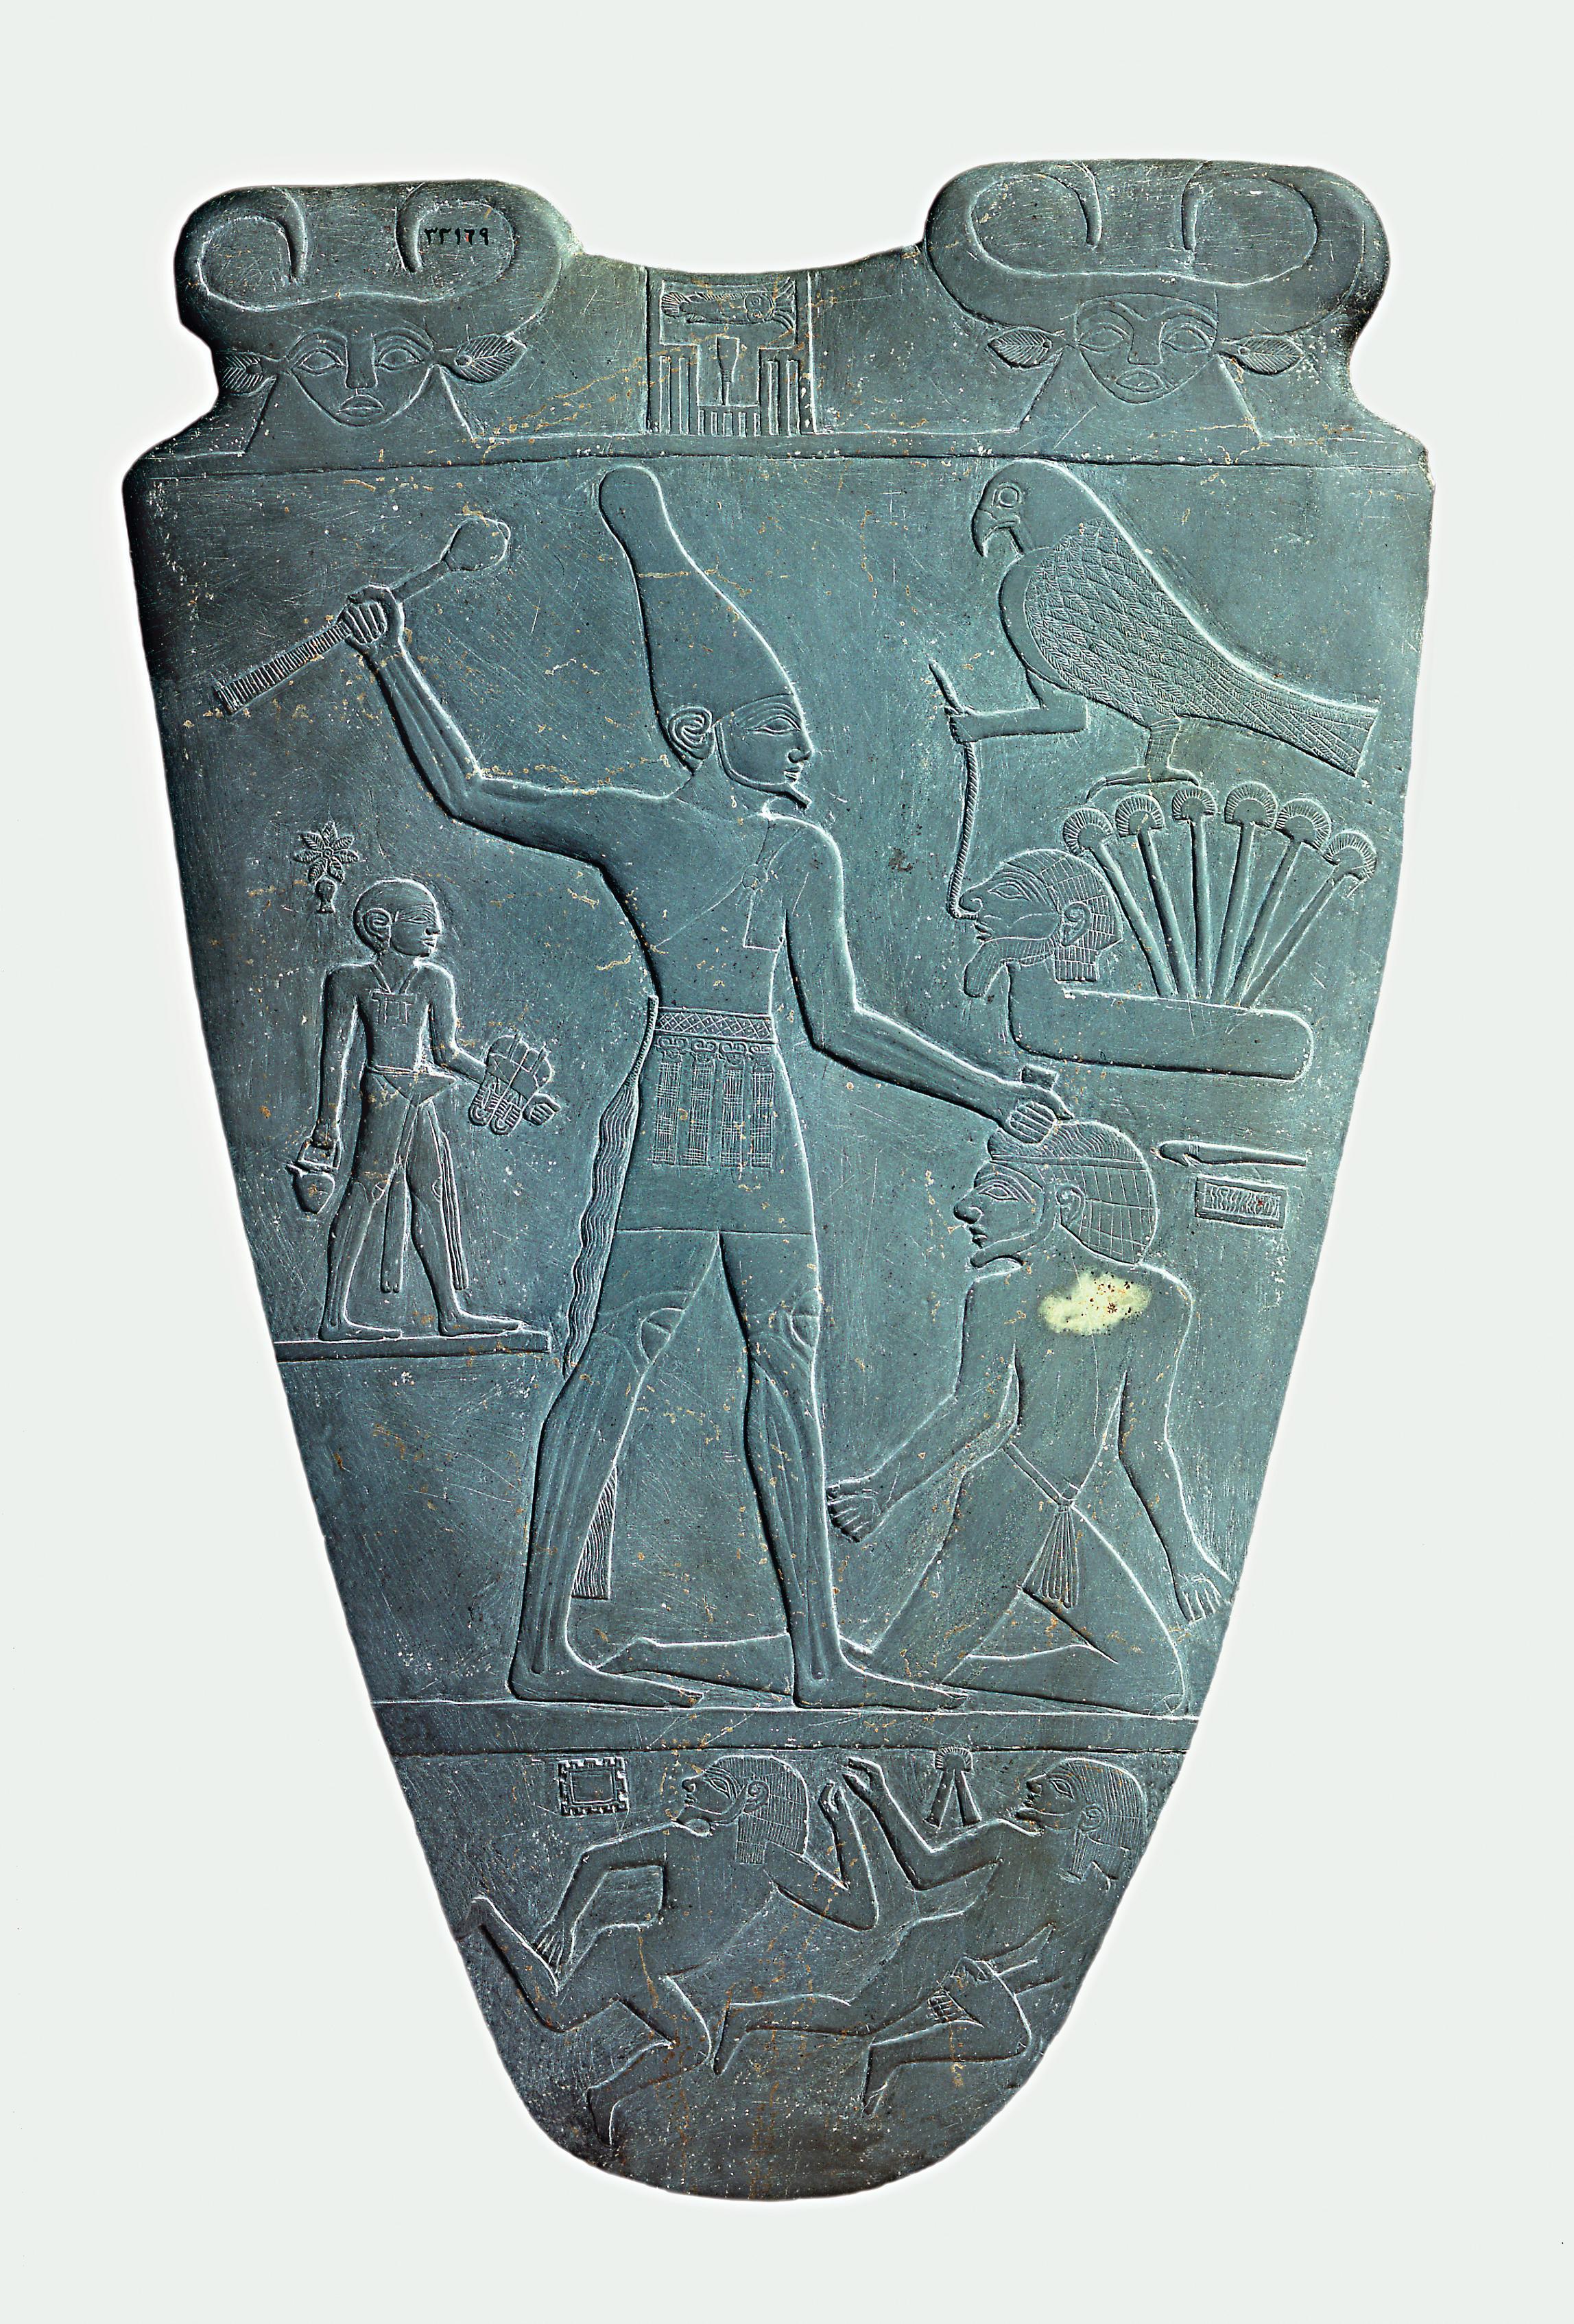 Arqueólogos descubren un pueblo anterior a los faraones en el Delta del Nilo Narmer_Palette_smiting_side